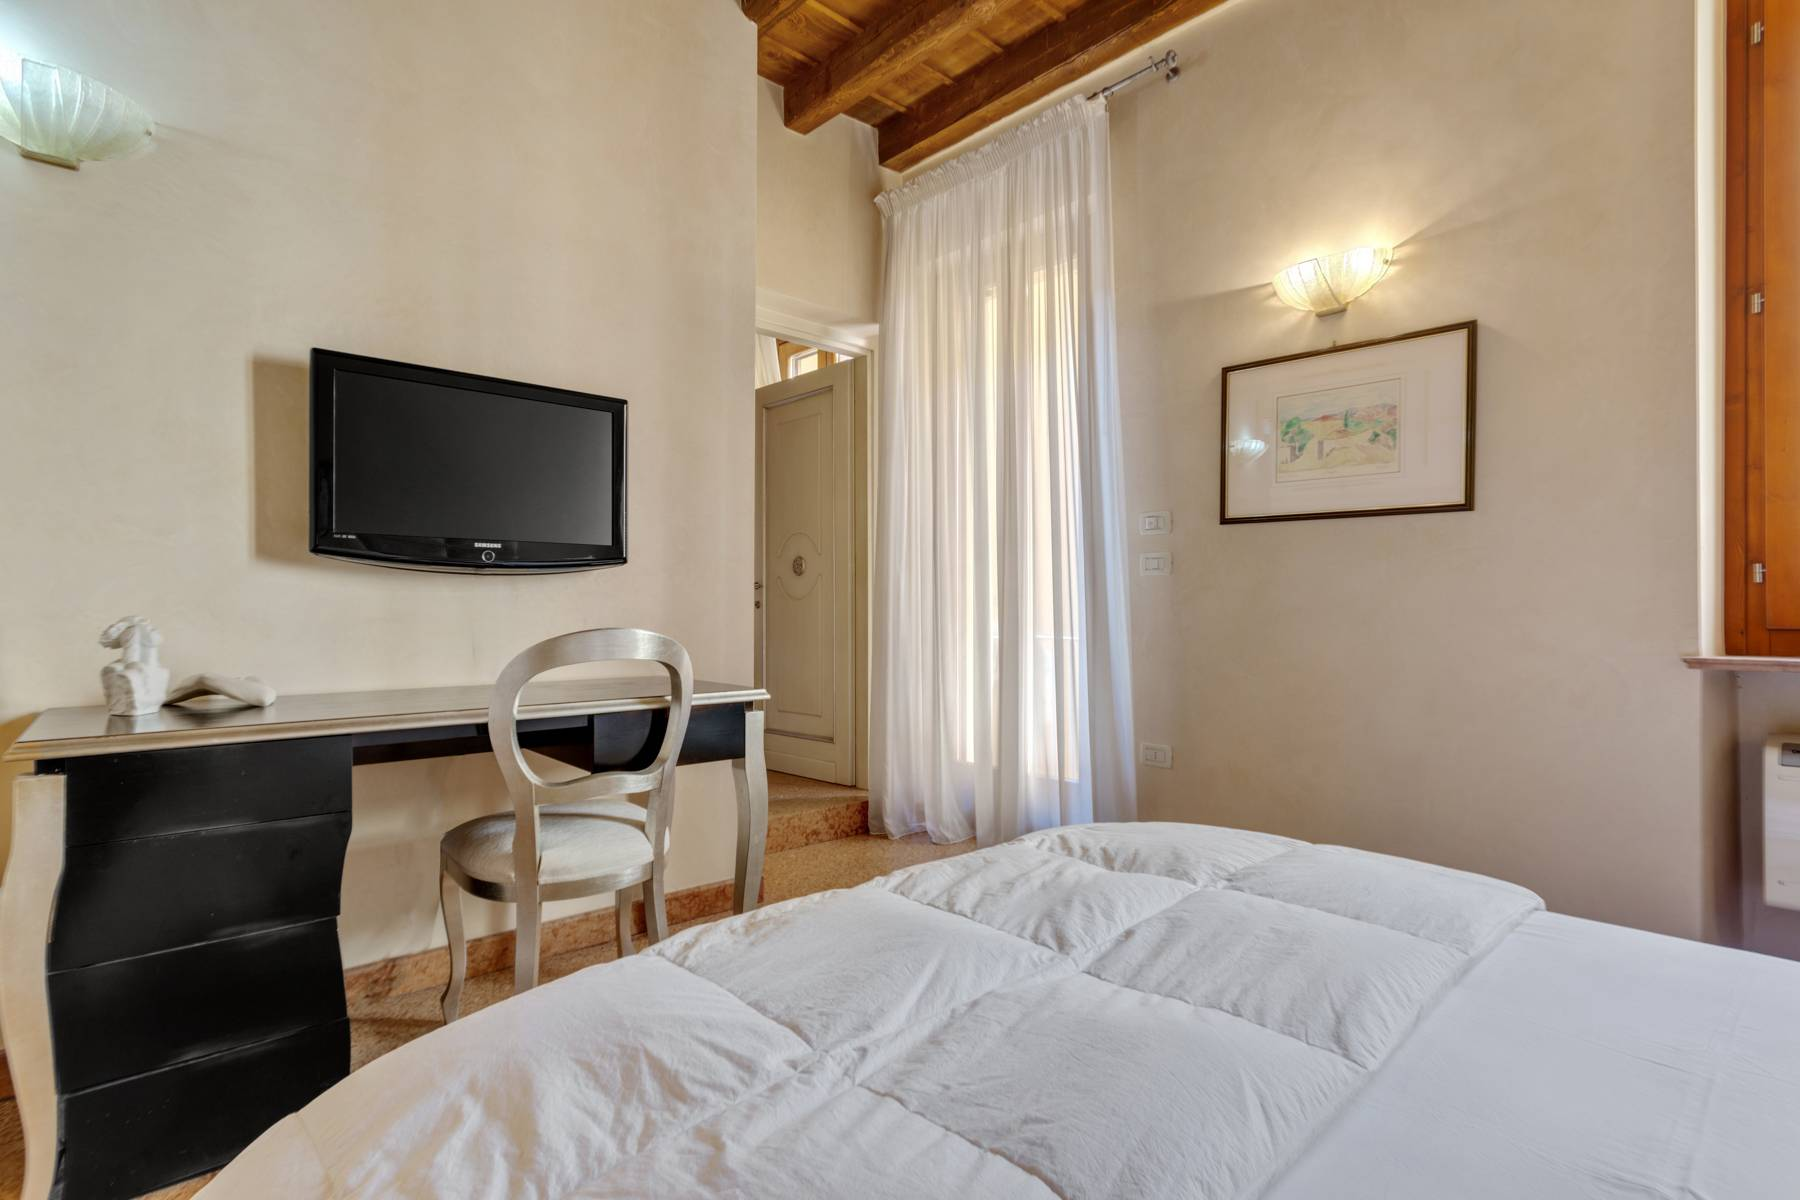 Appartamento in Vendita a Verona: 3 locali, 55 mq - Foto 13